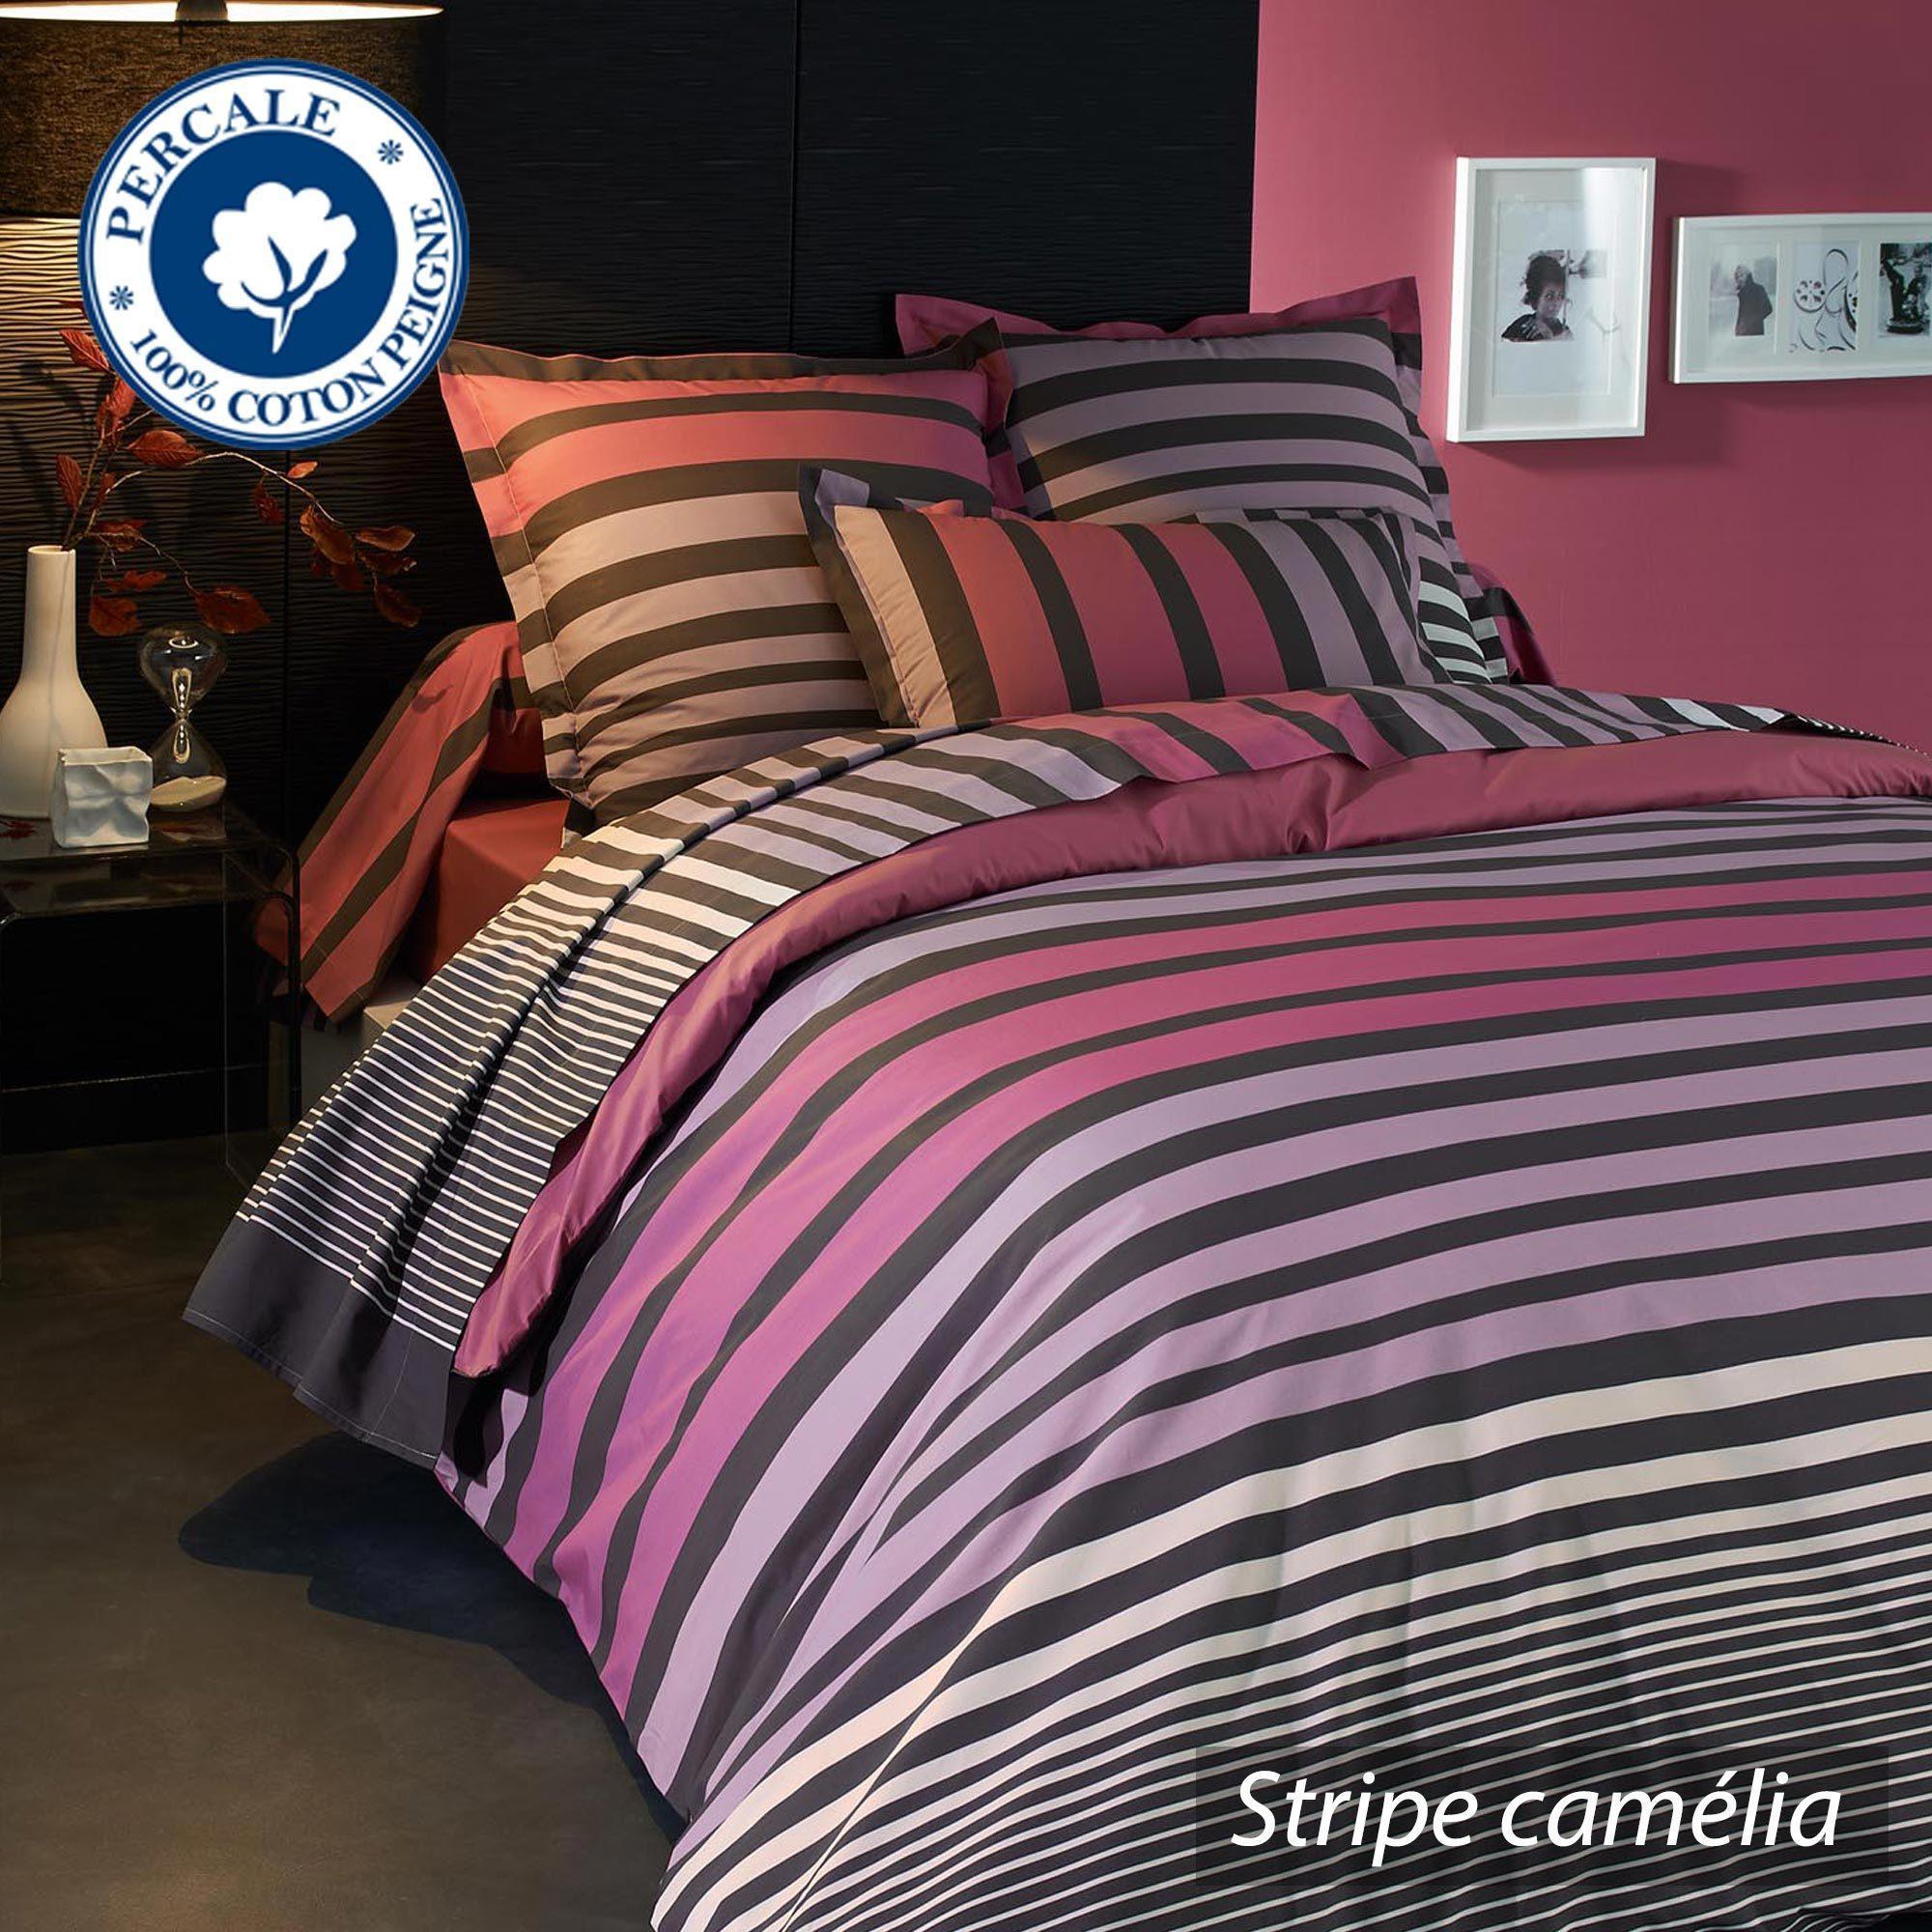 housse de couette percale pur coton peign 140x200 cm stripe camelia linnea vente de linge de. Black Bedroom Furniture Sets. Home Design Ideas